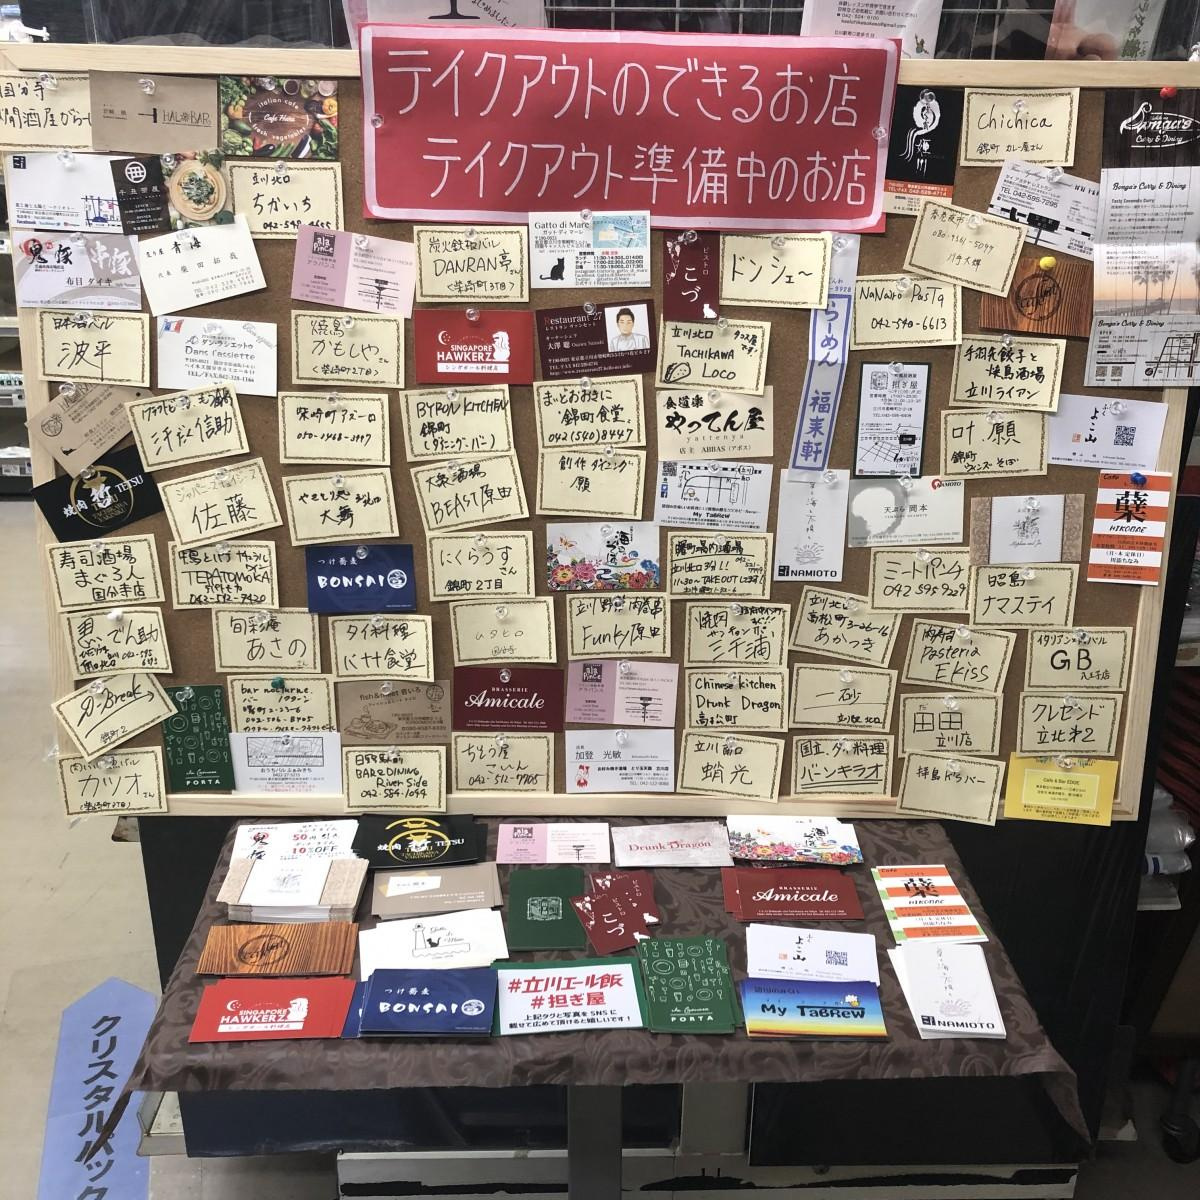 ショップカードを展示して飲食店のテークアウトを応援する「パッケージプラザカサイ」